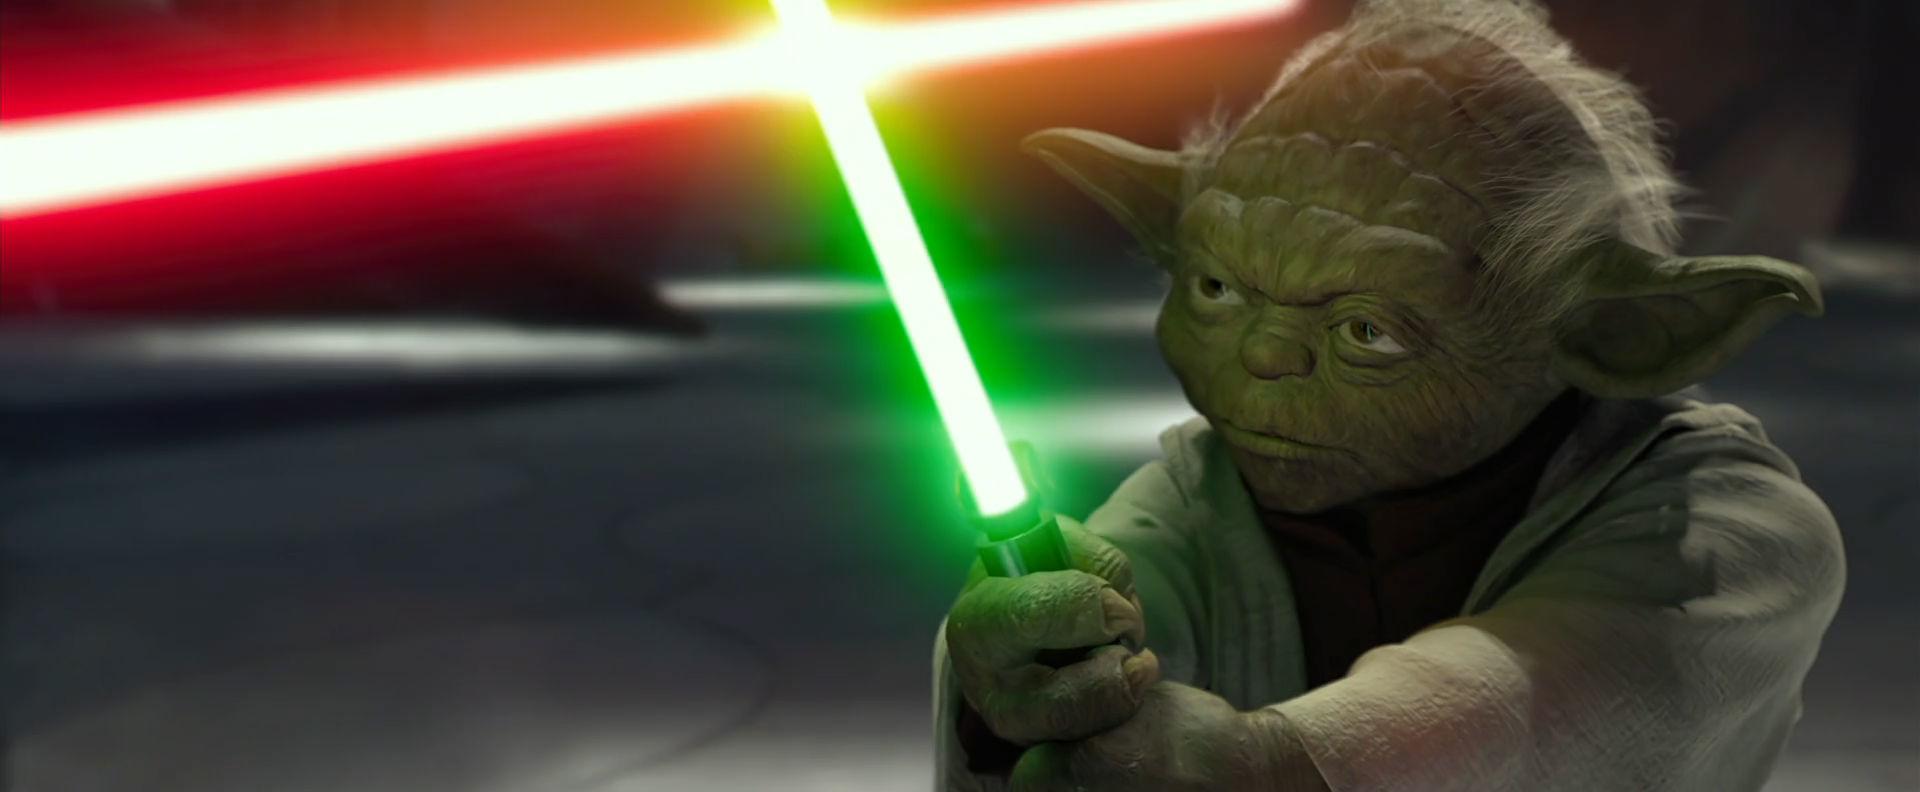 Yoda Vs Count Dooku